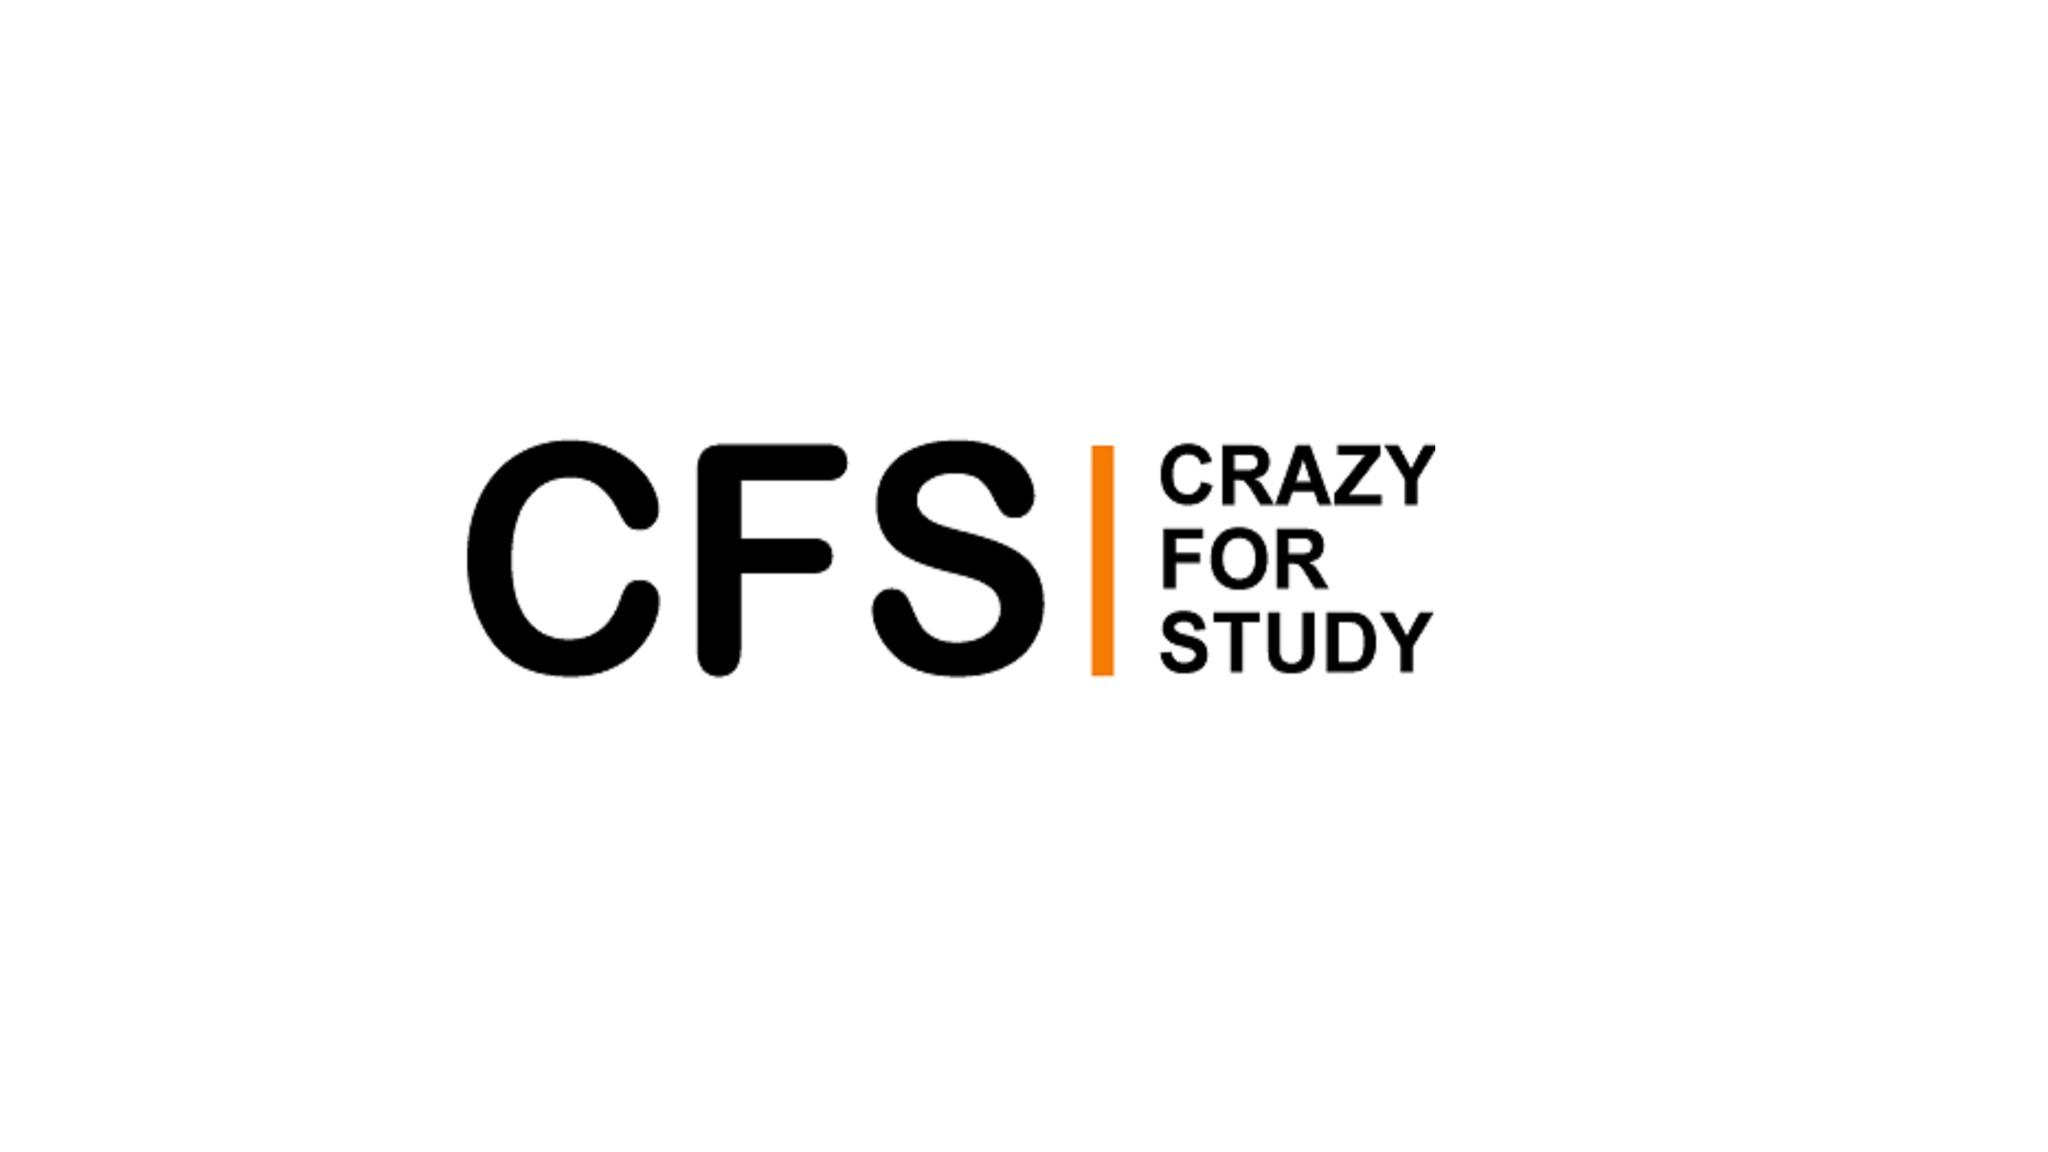 CRAZY FOR STUDY